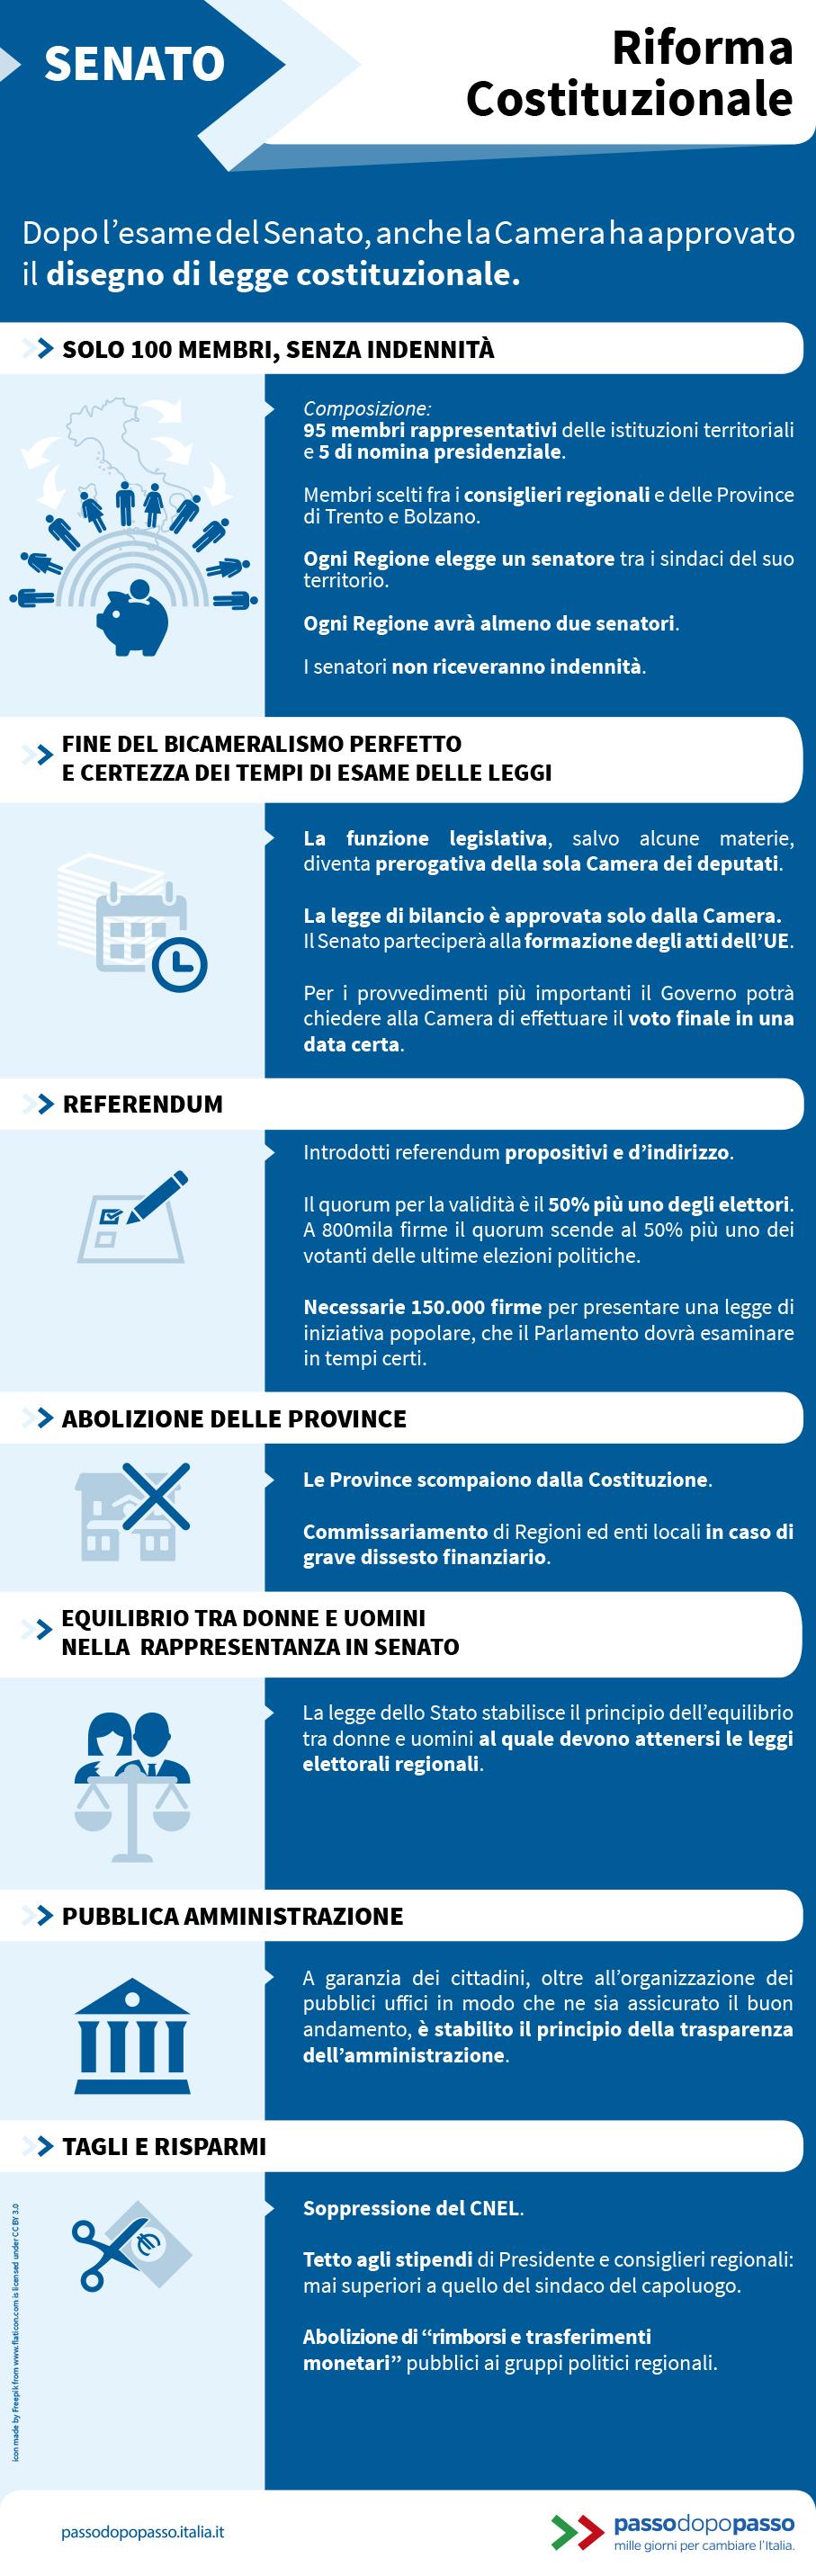 Infografica: Riforma costituzionale, cosa cambia